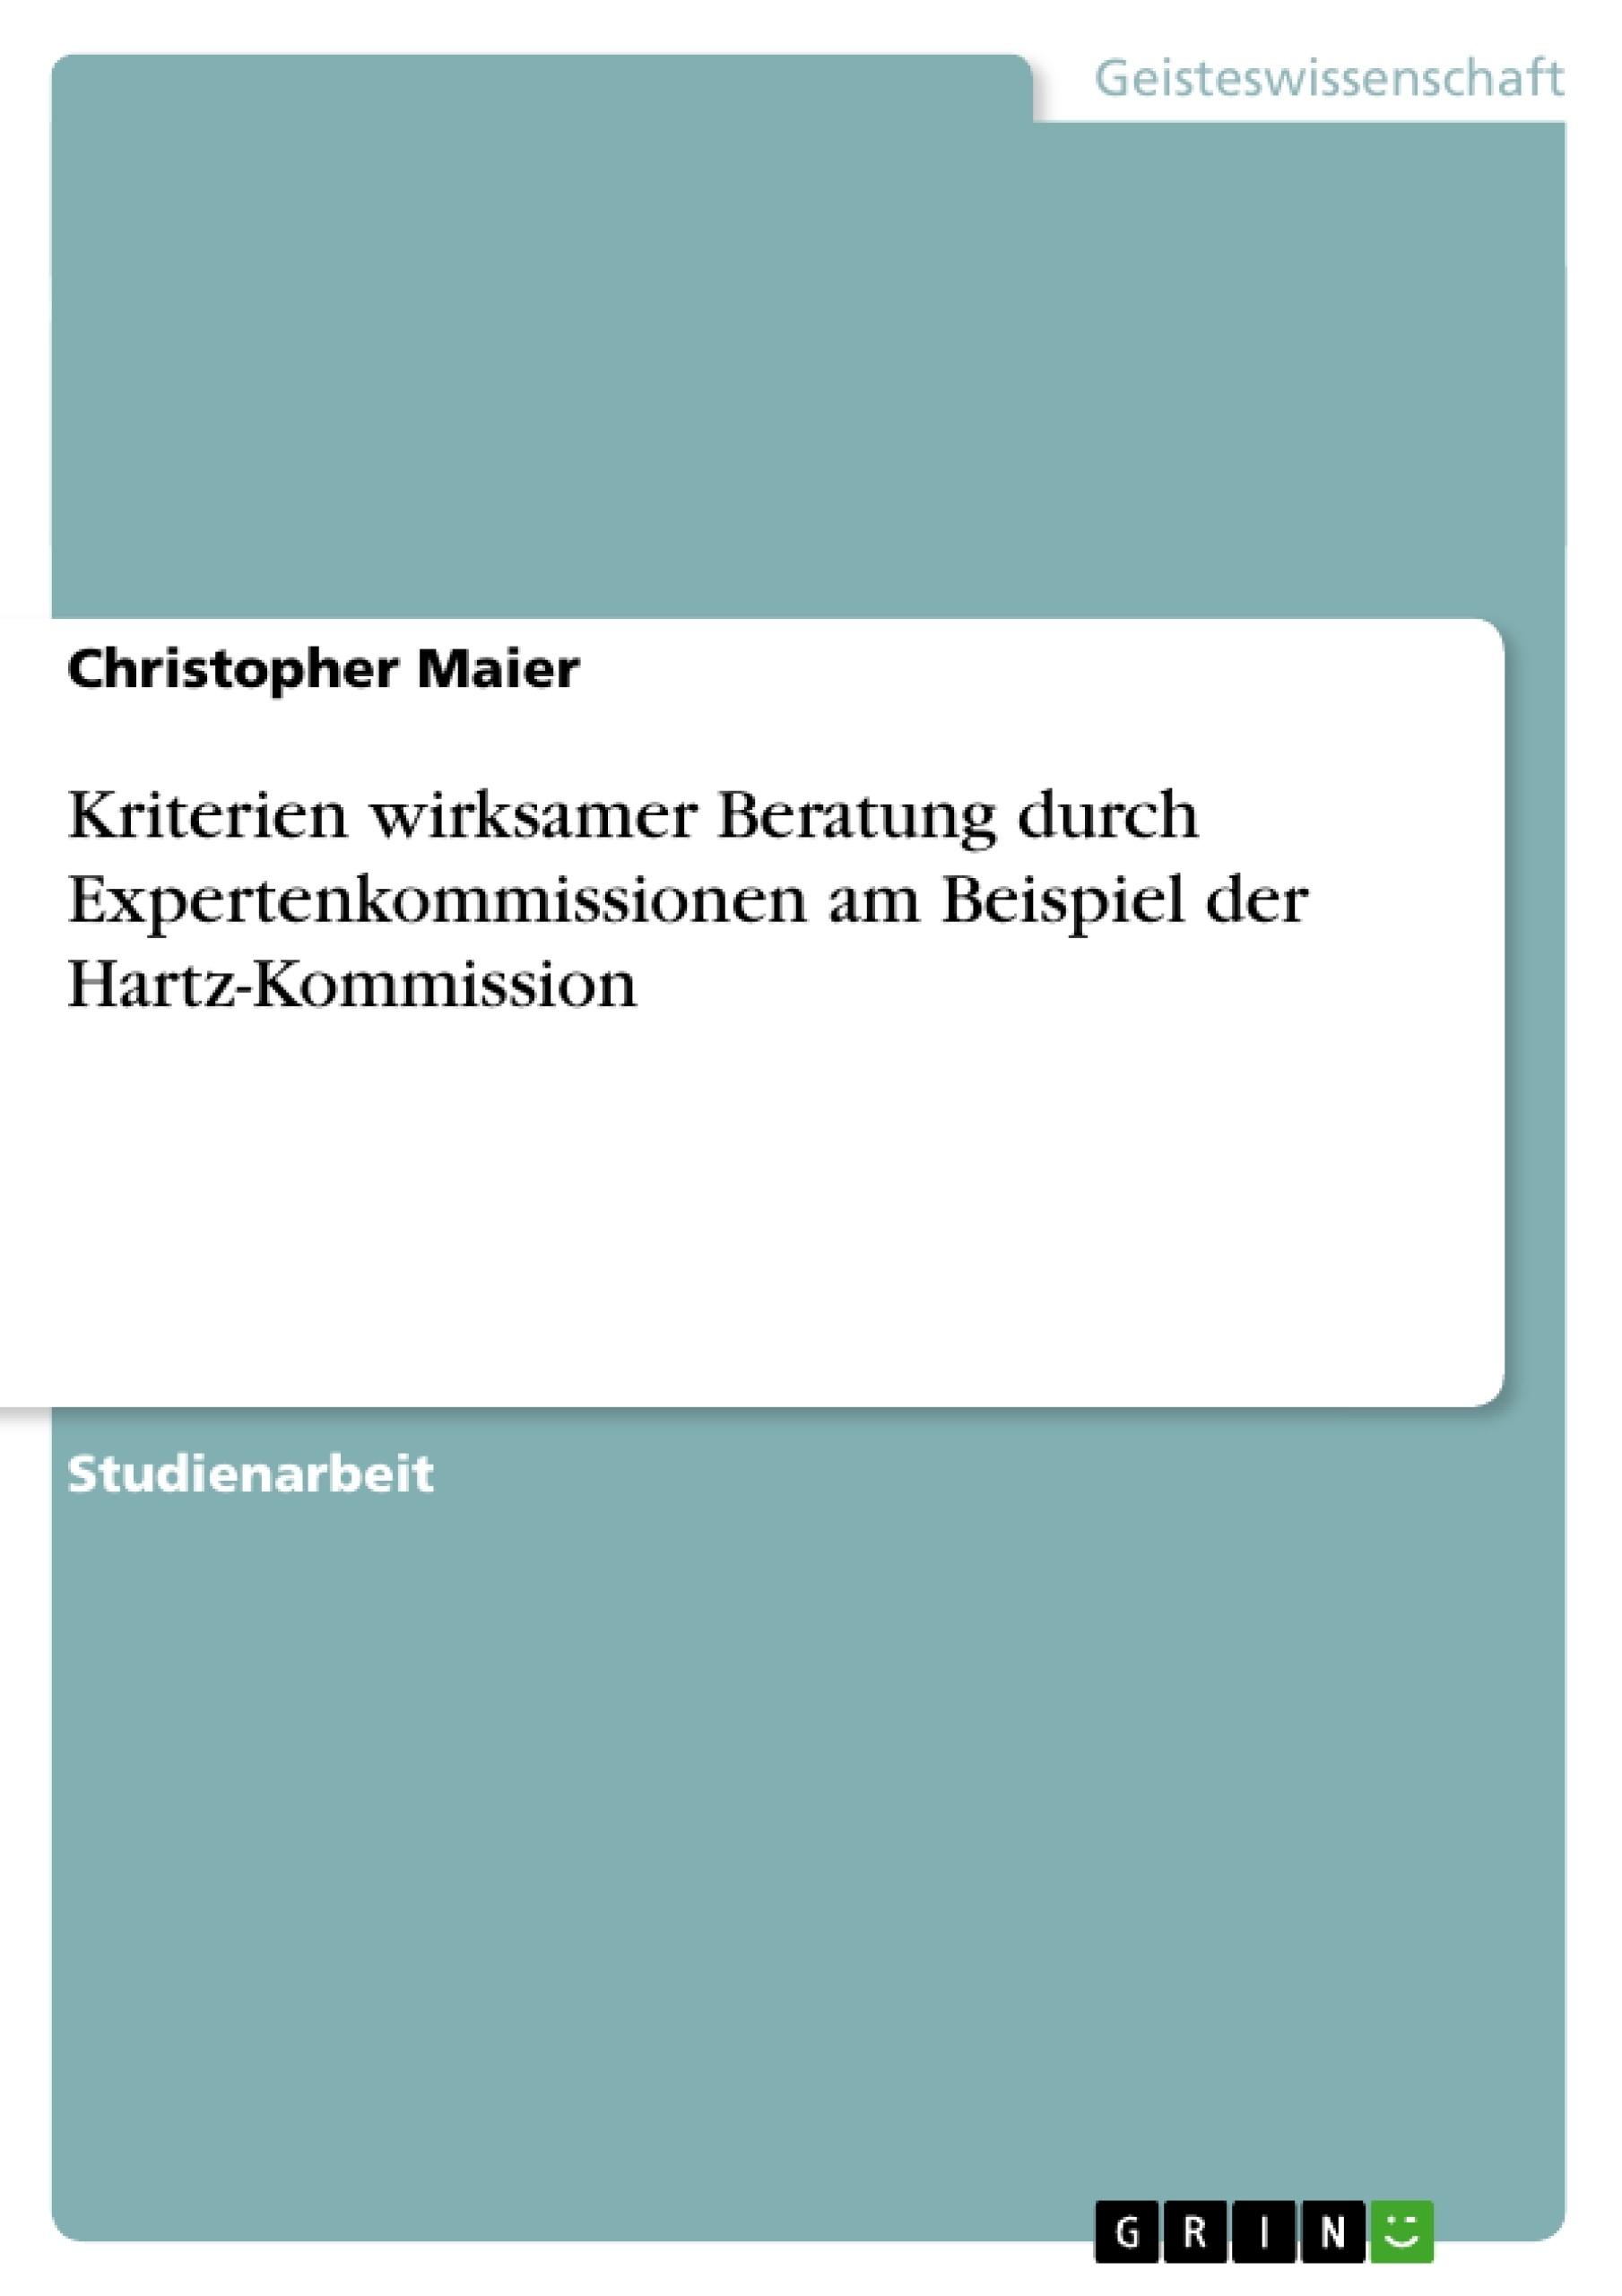 Titel: Kriterien wirksamer Beratung durch Expertenkommissionen am Beispiel der Hartz-Kommission